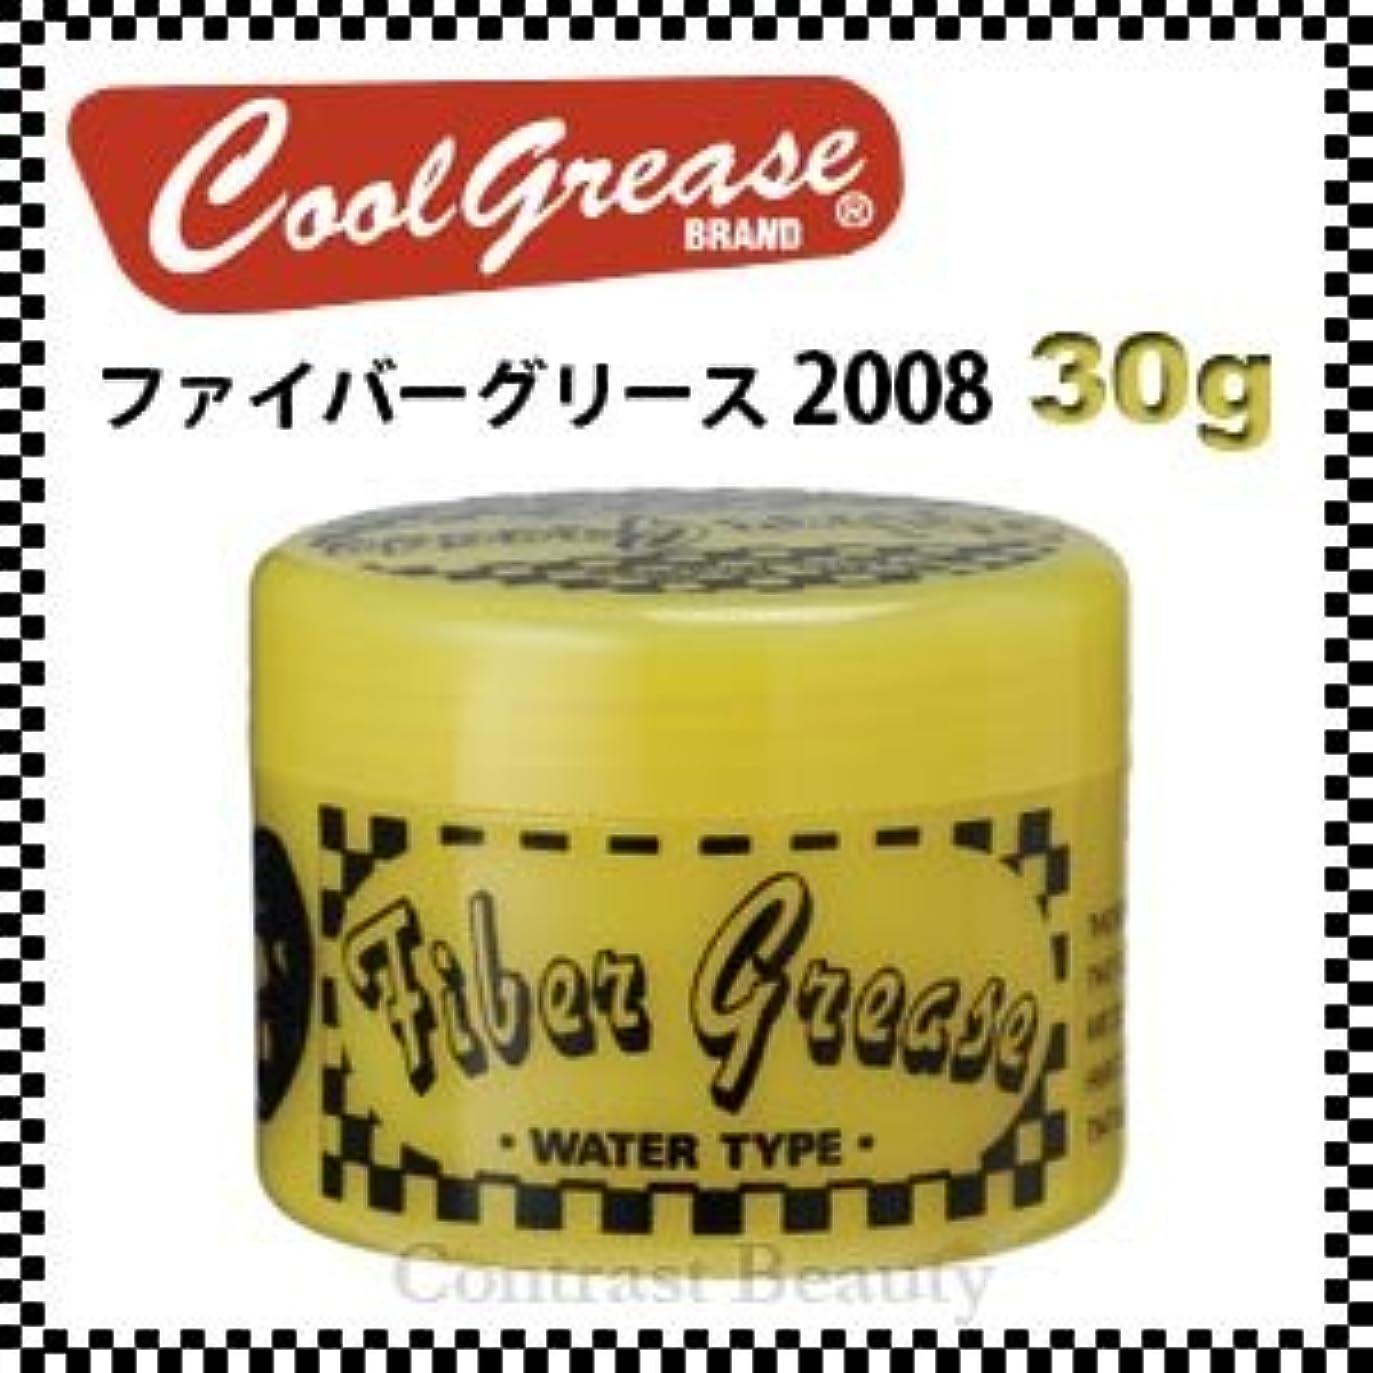 春ゴネリル味阪本高生堂 ファイバーグリース 2008 30g